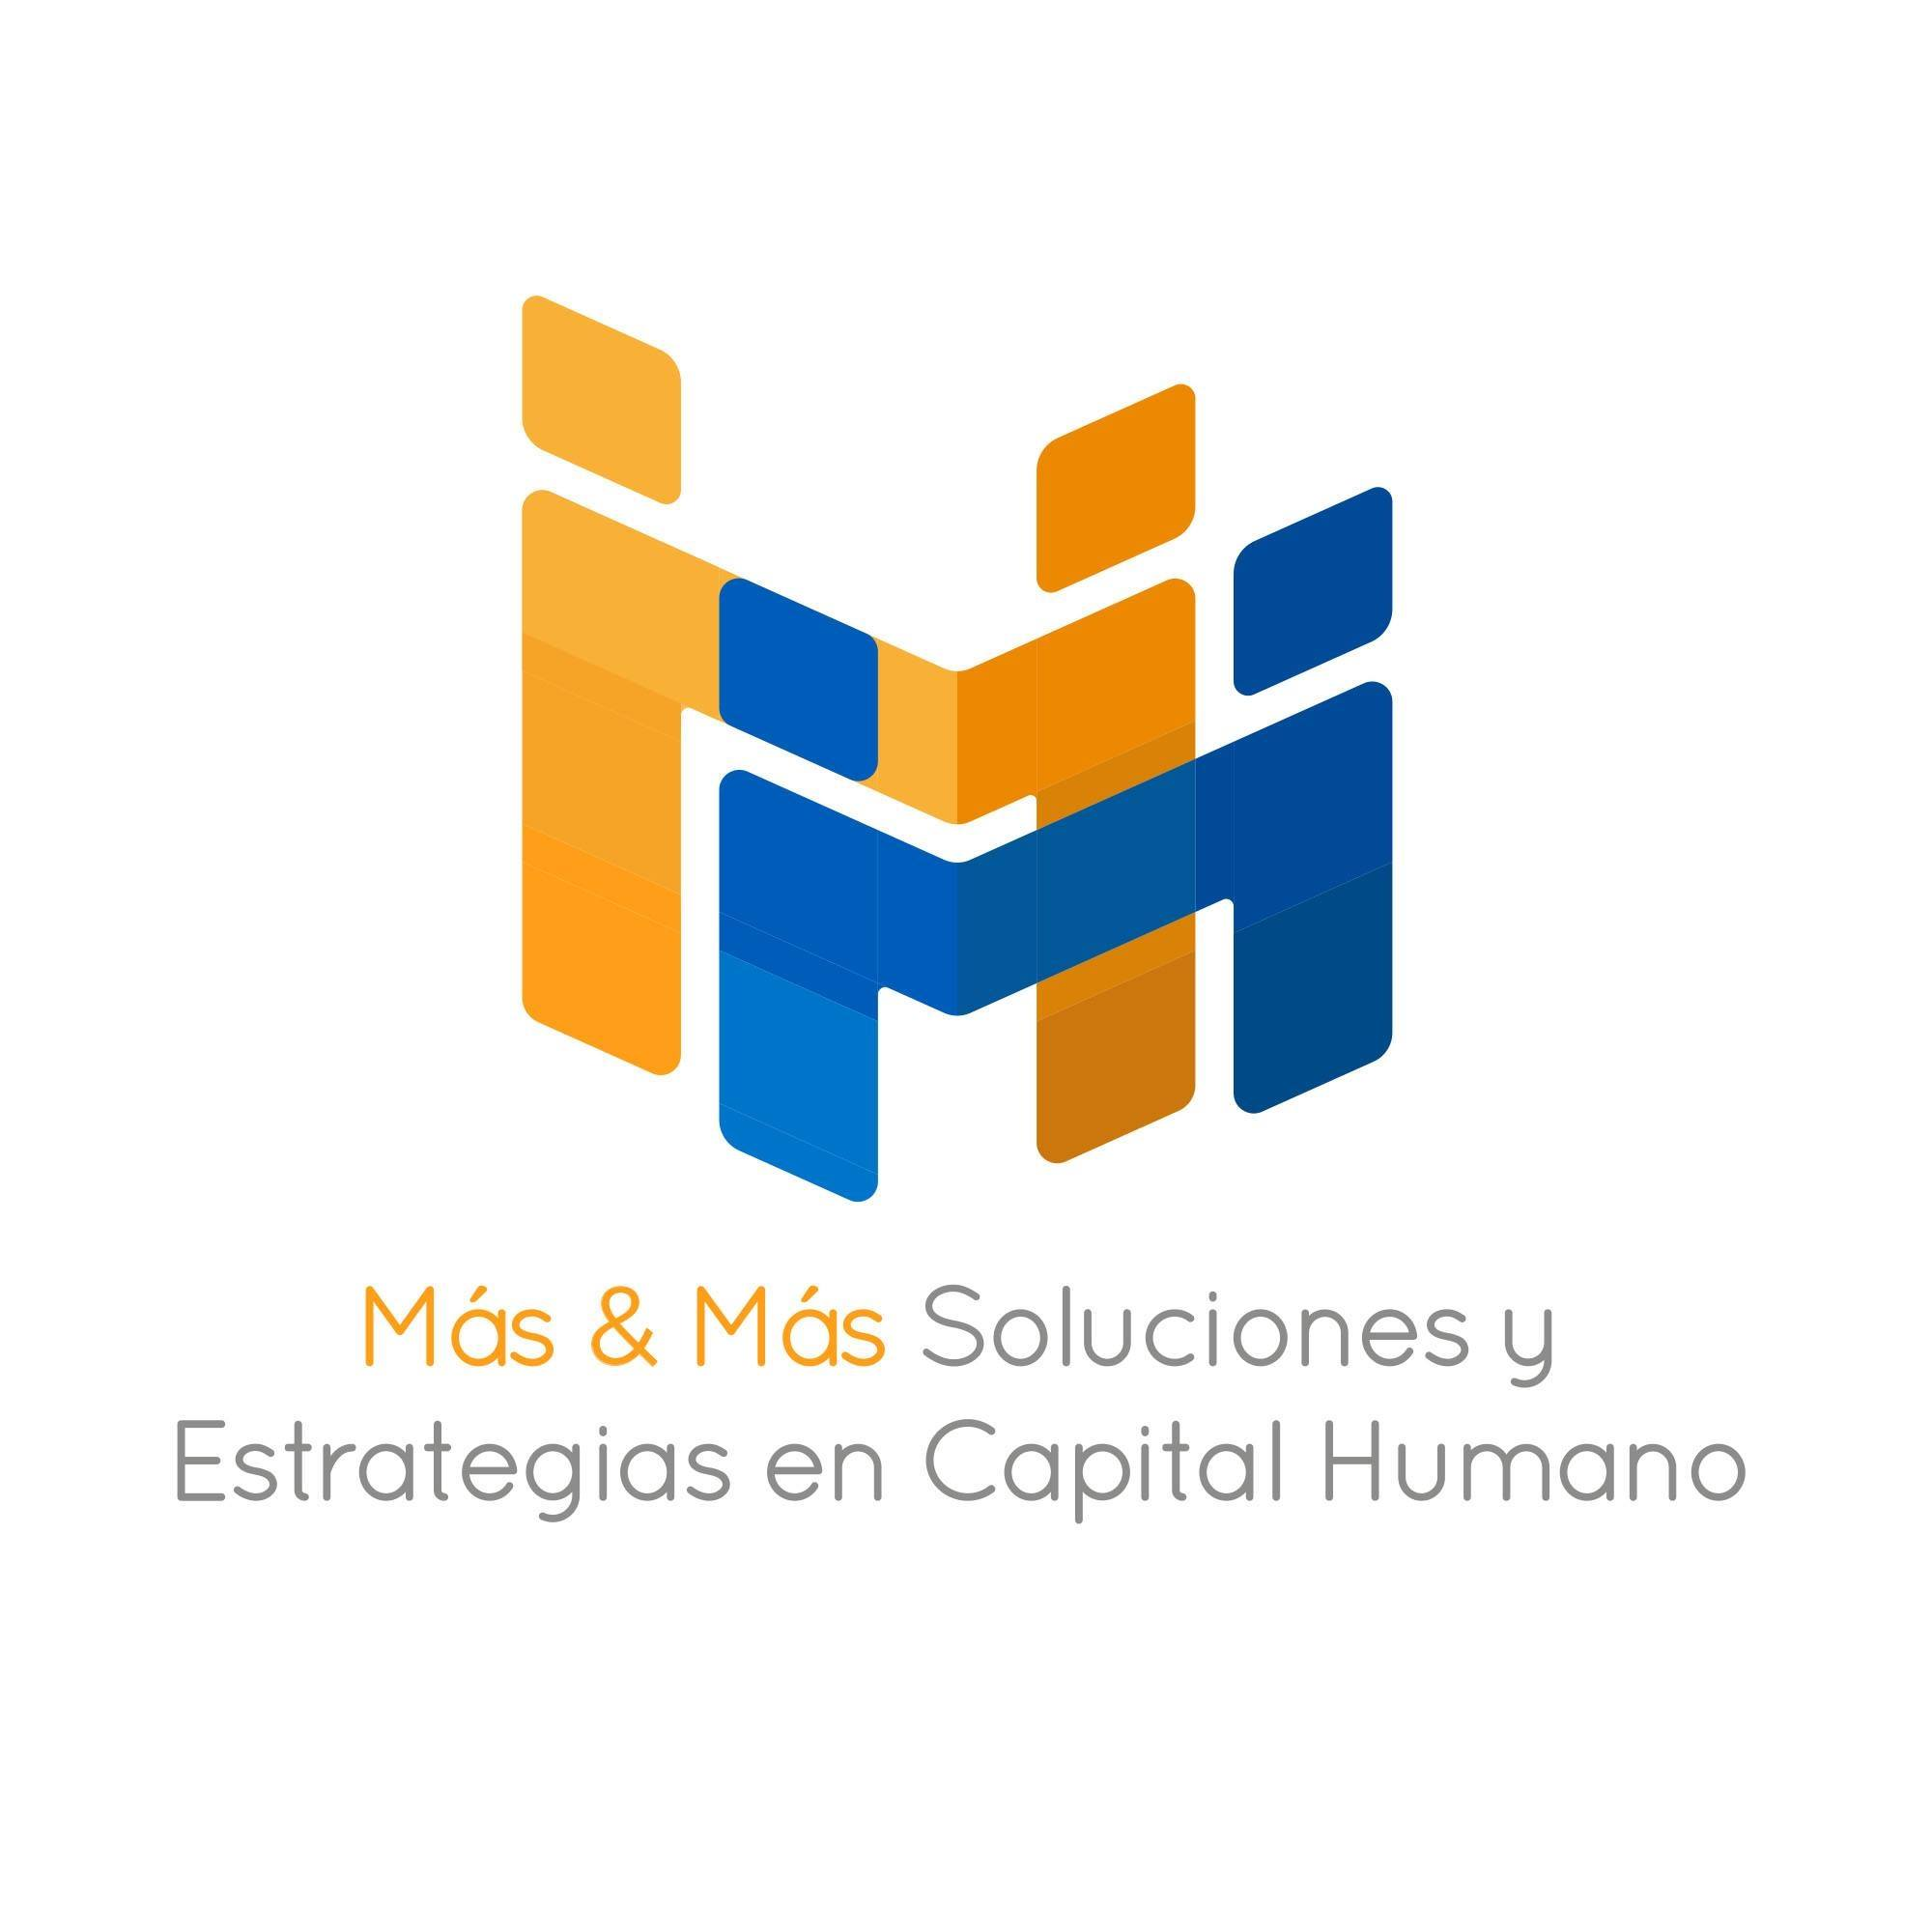 Más & Más Soluciones y Estrategias en Capital Humano Logo